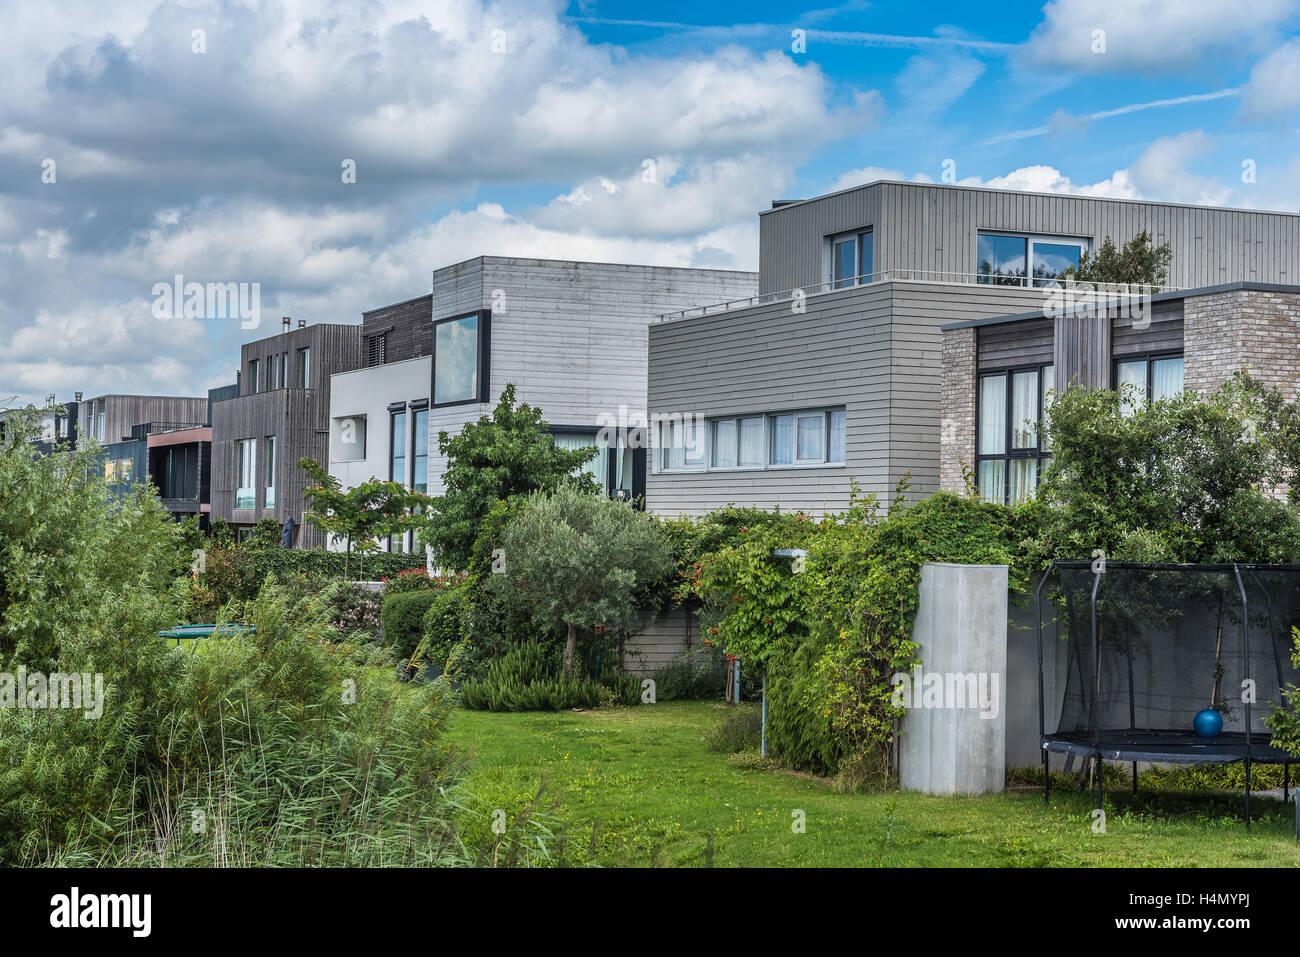 Amsterdam, Niederlande - 8. August 2016: Moderne Architektur Häuser ...